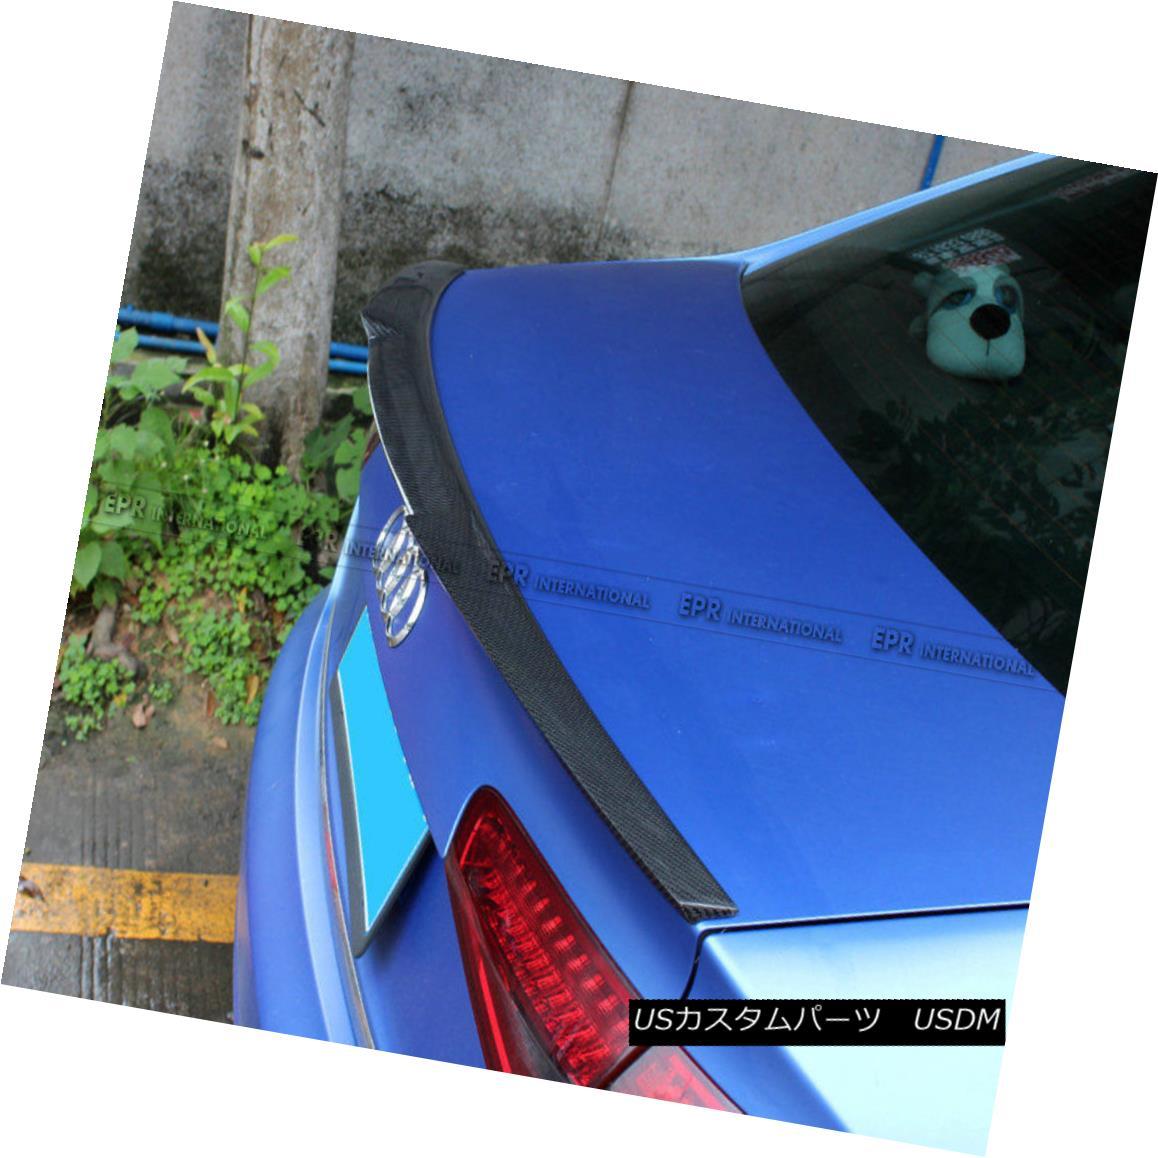 <title>車用品 バイク用品 >> パーツ 外装 エアロパーツ リアスポイラー For Audi A4 B8.5 M4 Style 13-16 Carbon Fiber Rear 売れ筋 Ducktail Spoiler Add on Parts アウディA4 M4スタイル13-16カーボンファイバーリアダックテールスポイラー</title>